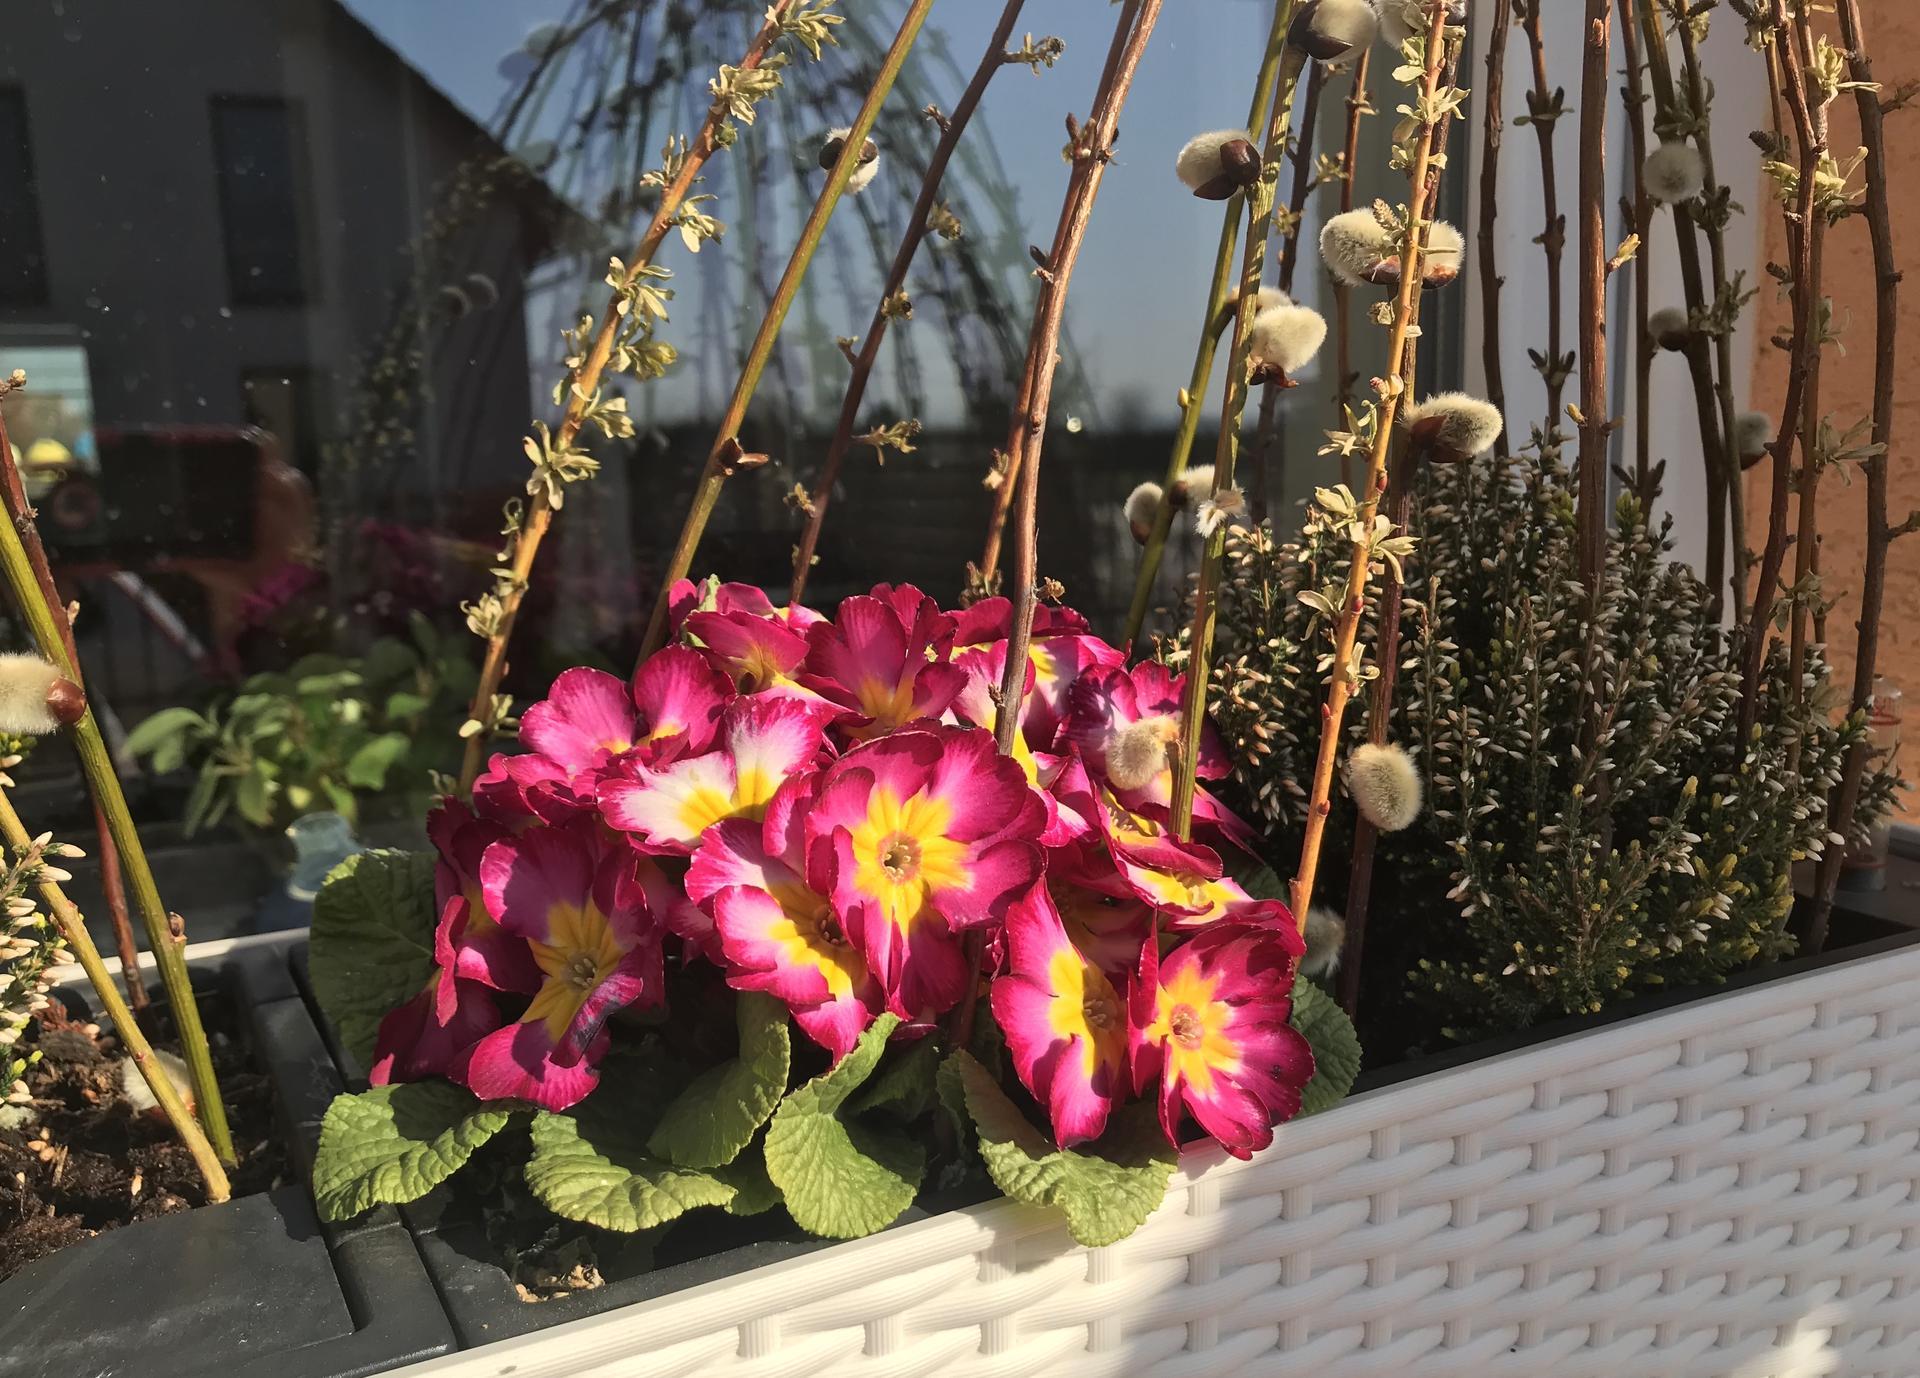 Naše barevná zahrada 🌸 rok 2020 - Primulkám se krásně daří 🤗